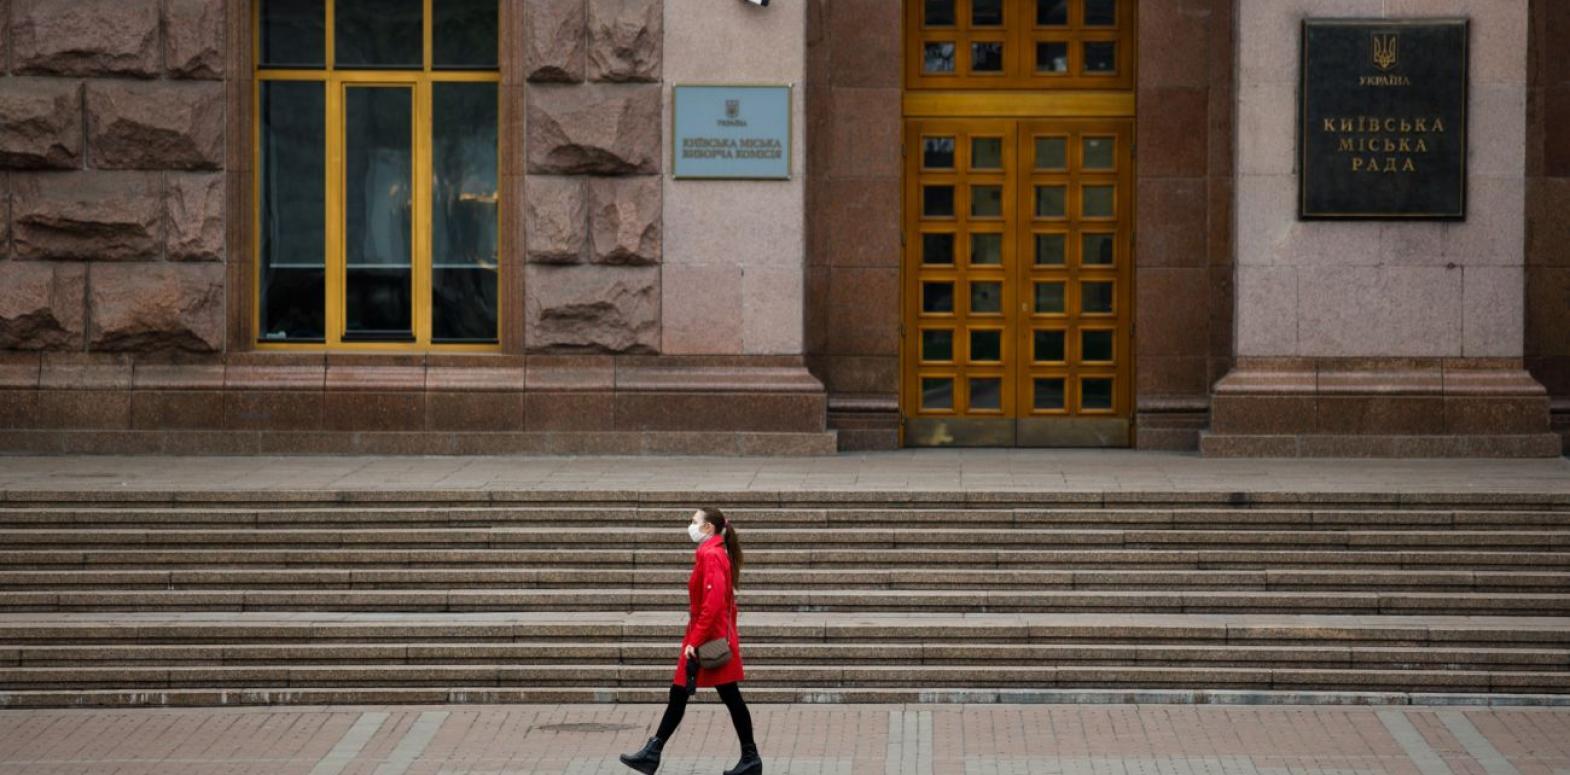 Безработица в Киеве выросла почти втрое